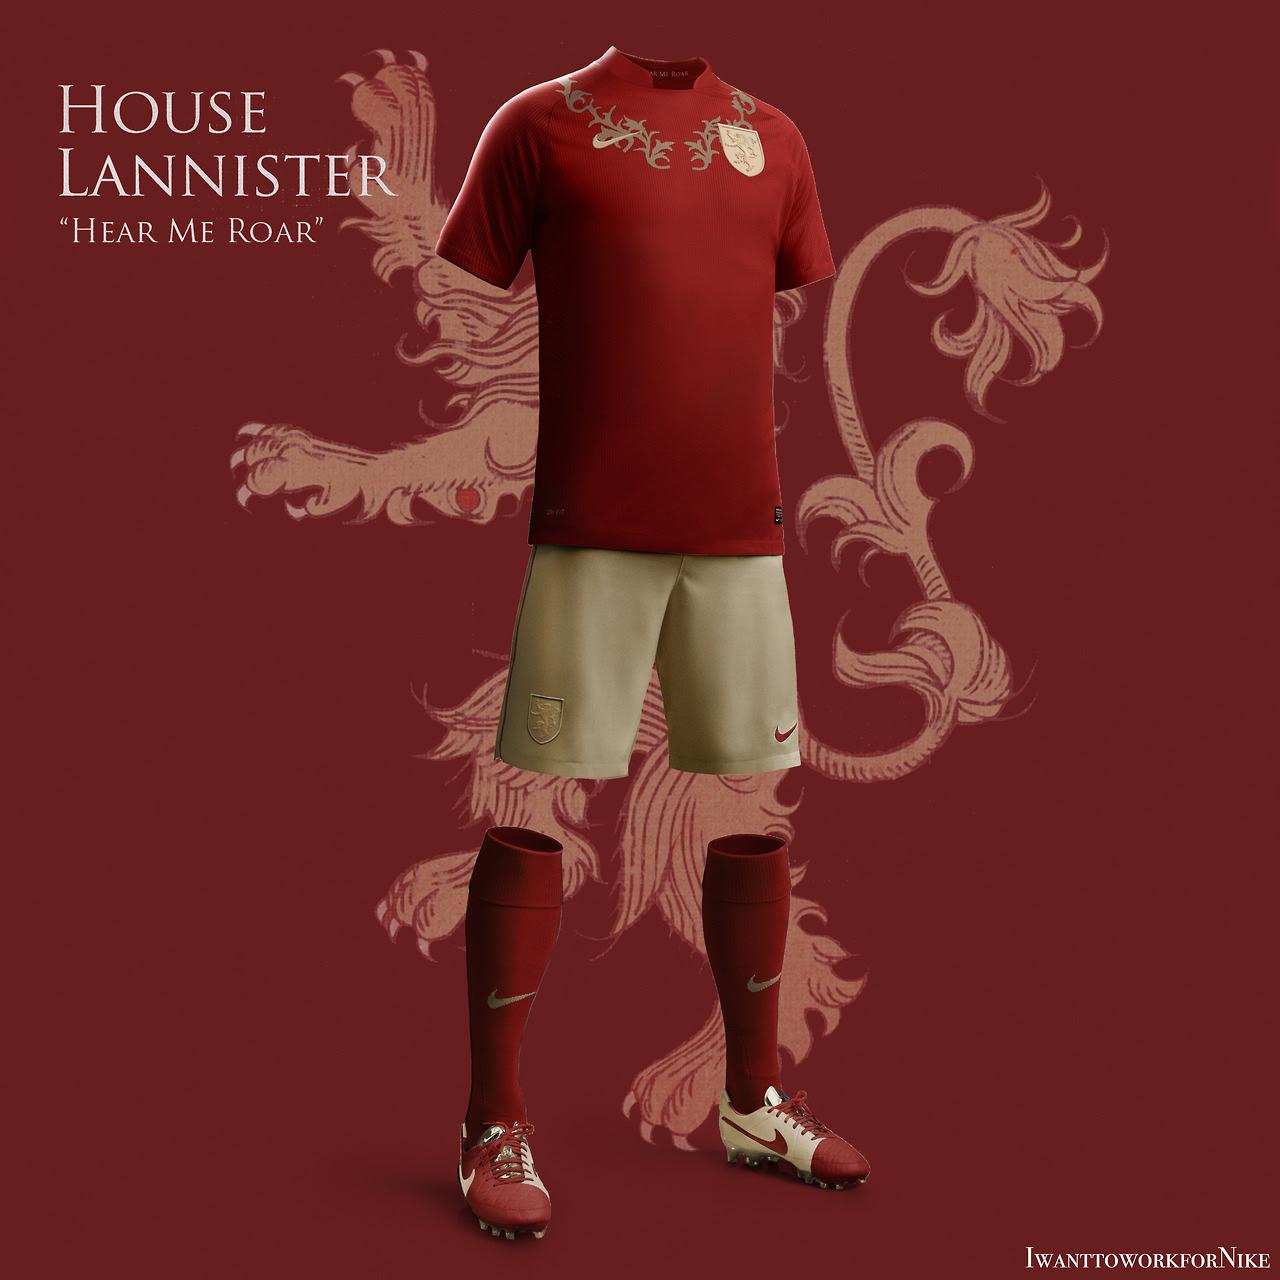 Equipaciones futboleras tipo Juego de Tronos - Lannister